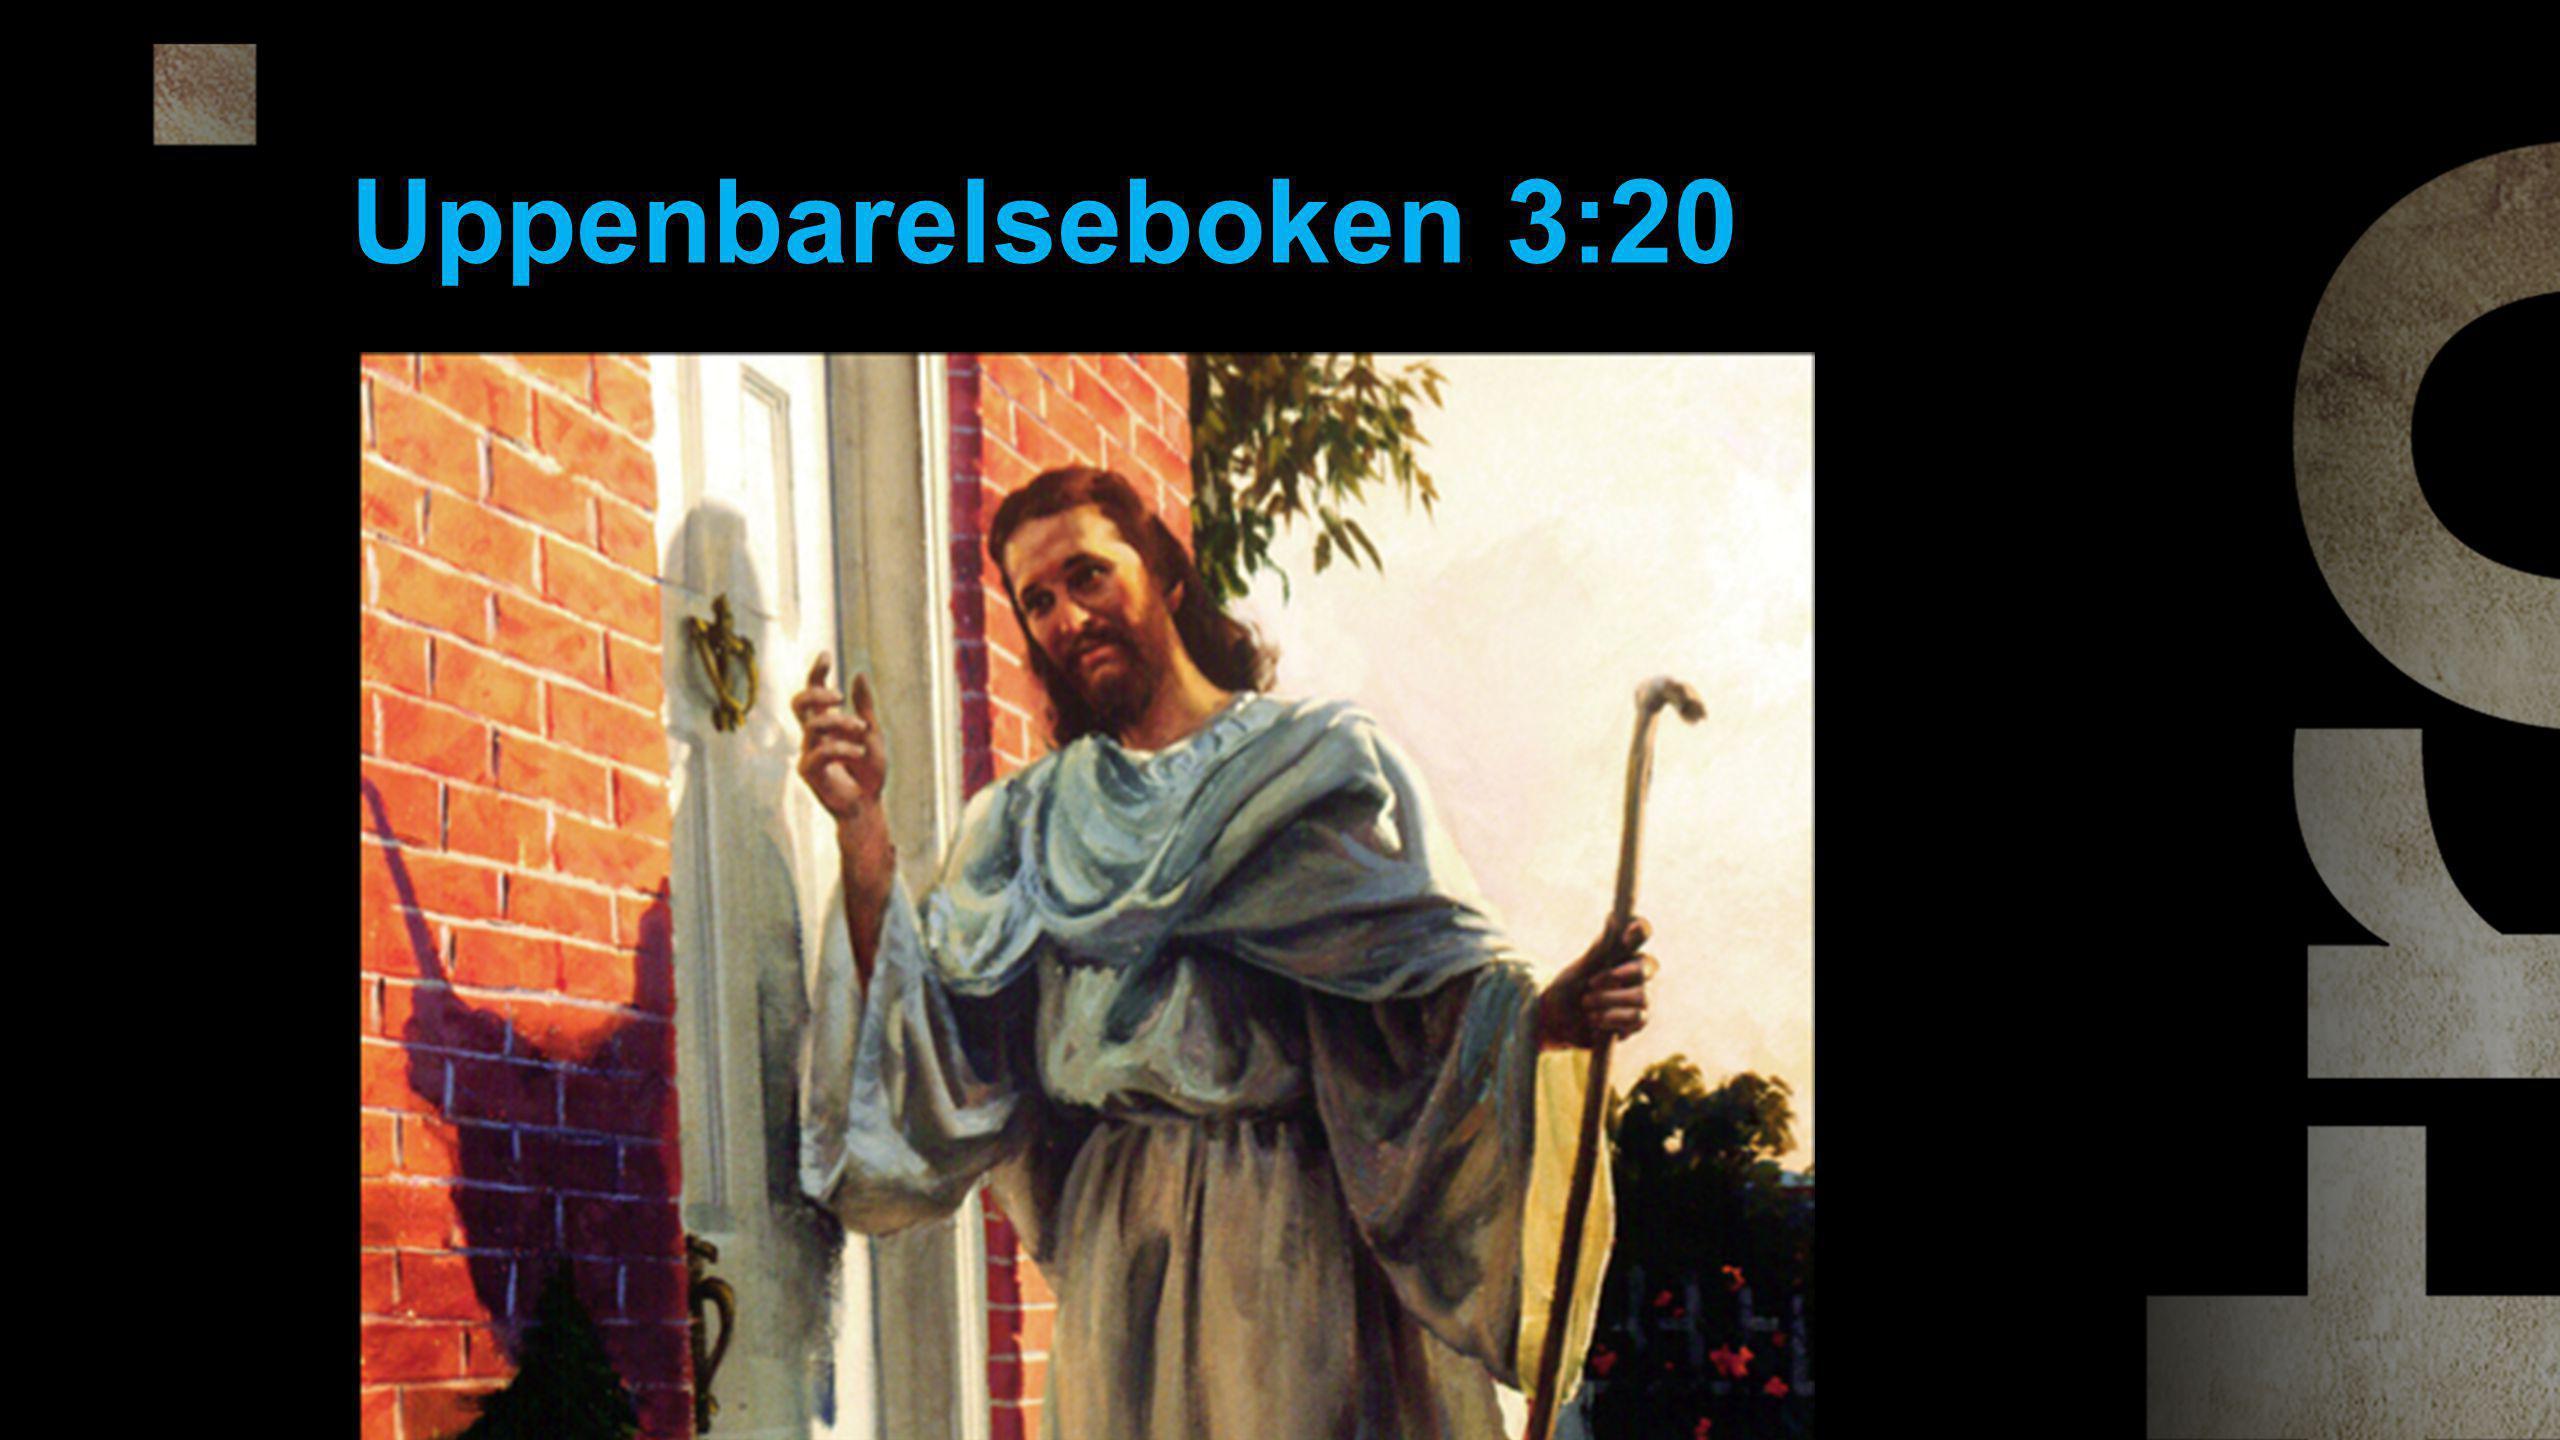 Uppenbarelseboken 3:20